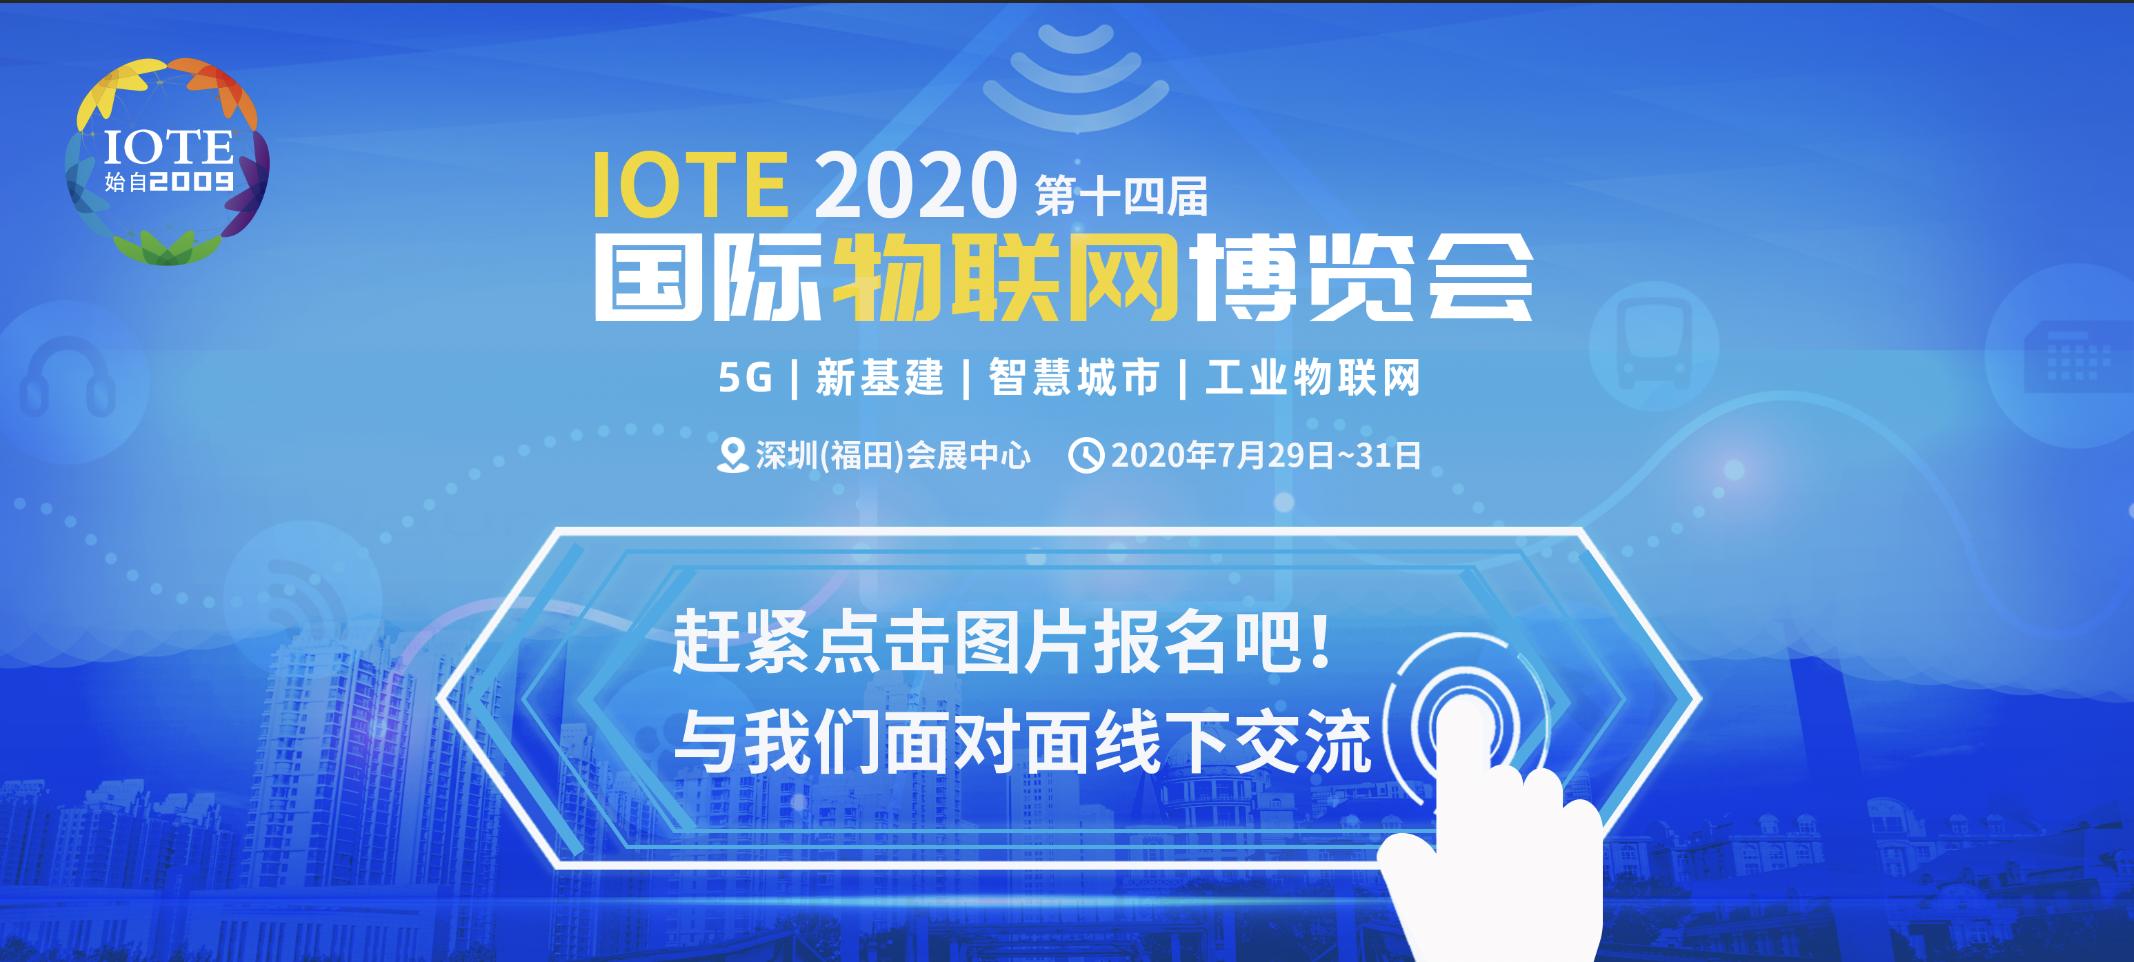 提供真实可靠的产品供应和技术服务,神州科技即将精彩亮相IOTE2020深圳国际物联网展